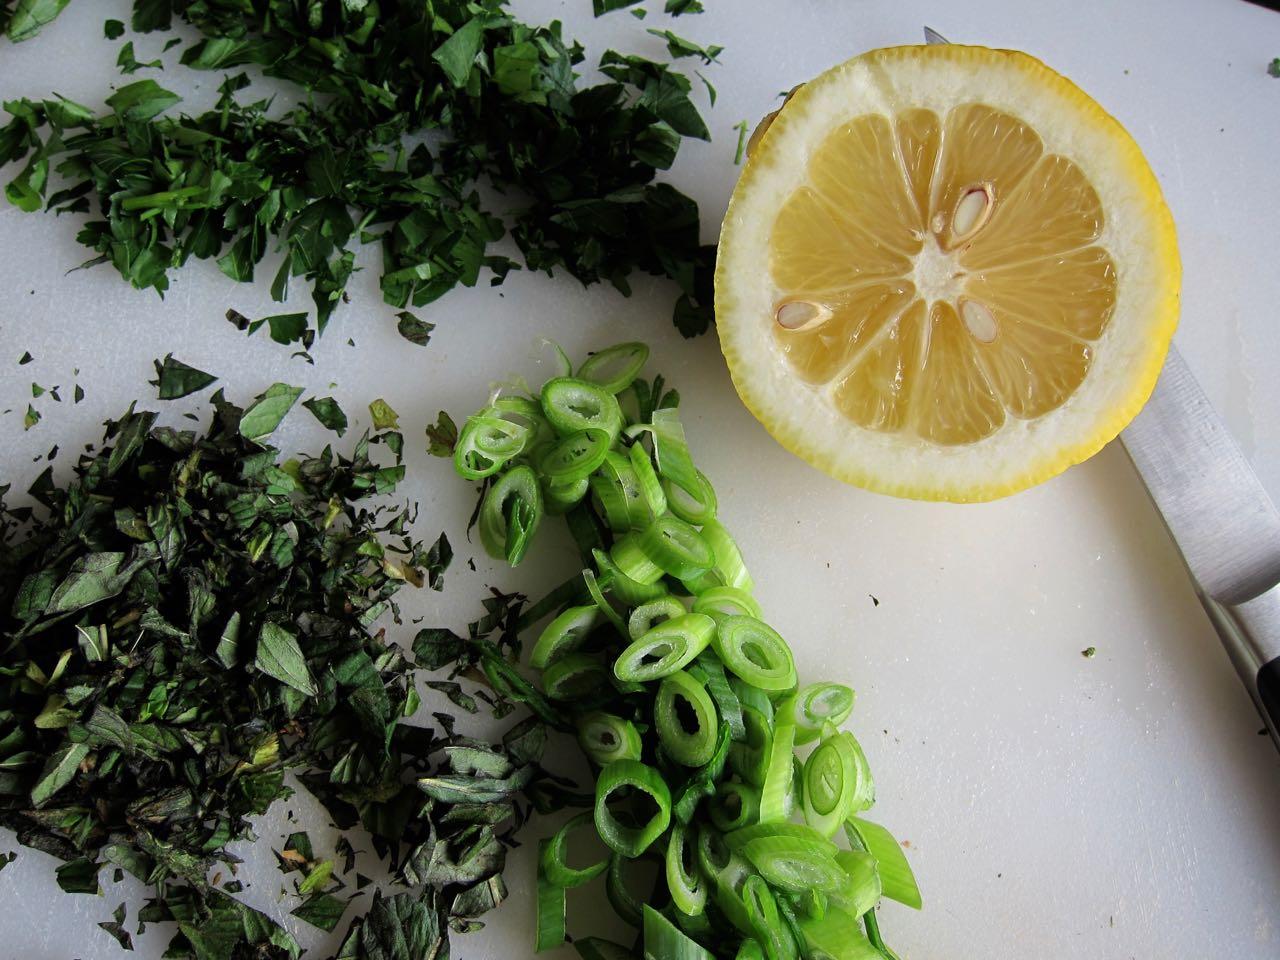 Herbs & Lemon.jpg